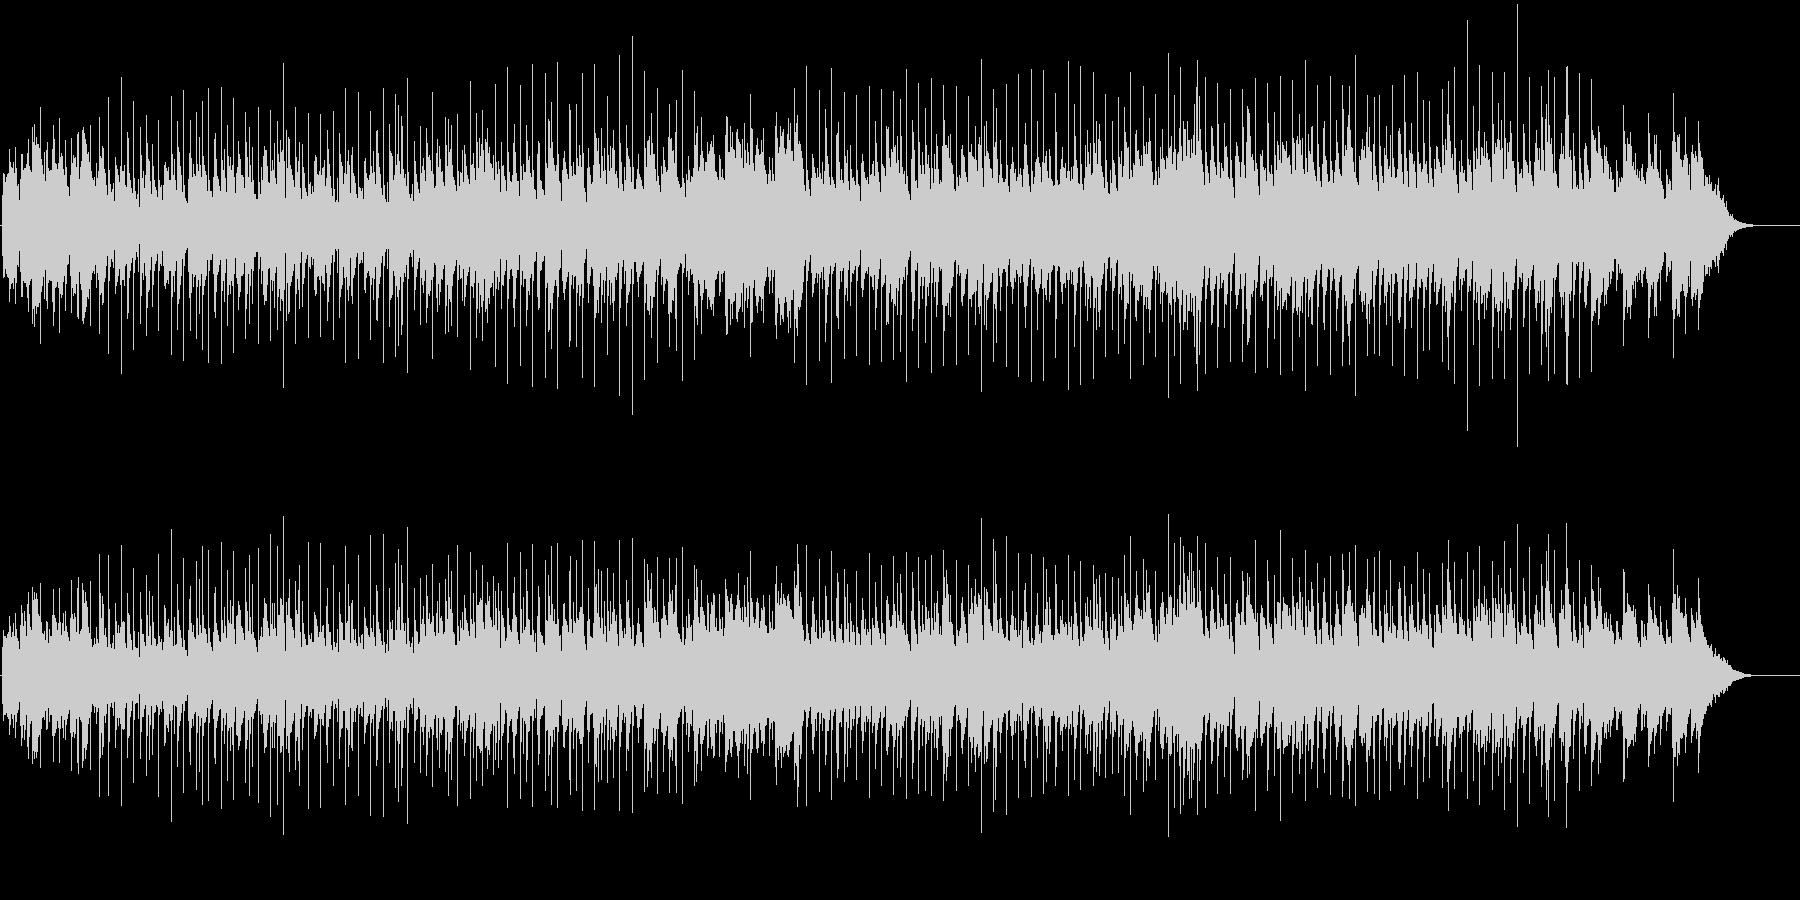 メロウなバラード(キャンドルサービス)の未再生の波形